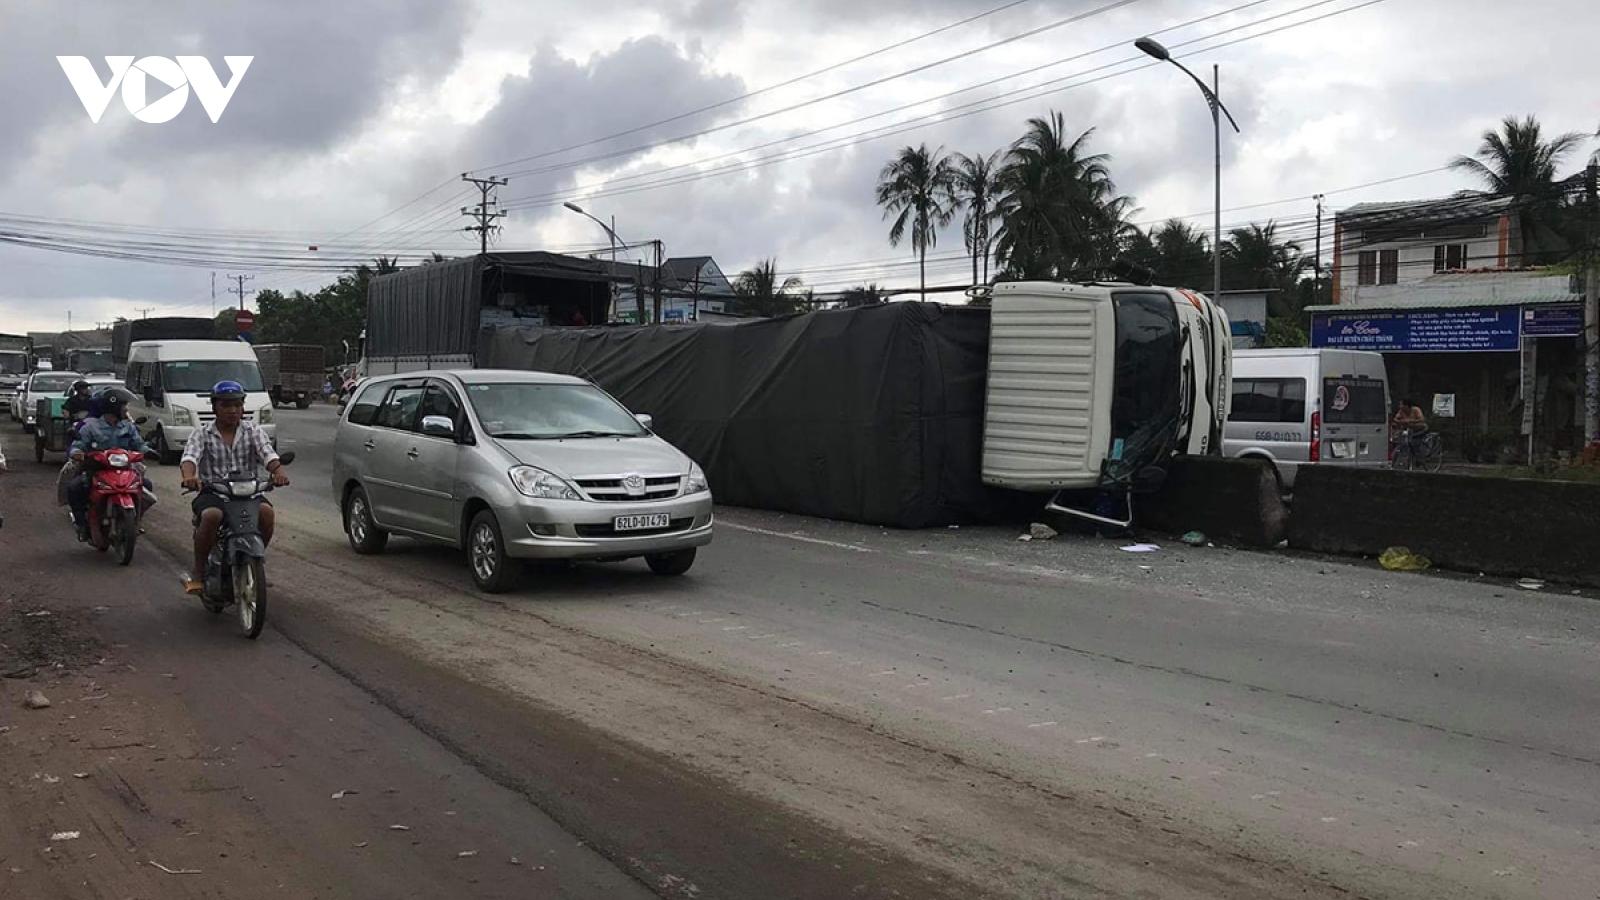 Xe tải chở 10 tấn hàng lật nghiêng vì lao vào dải phân cách